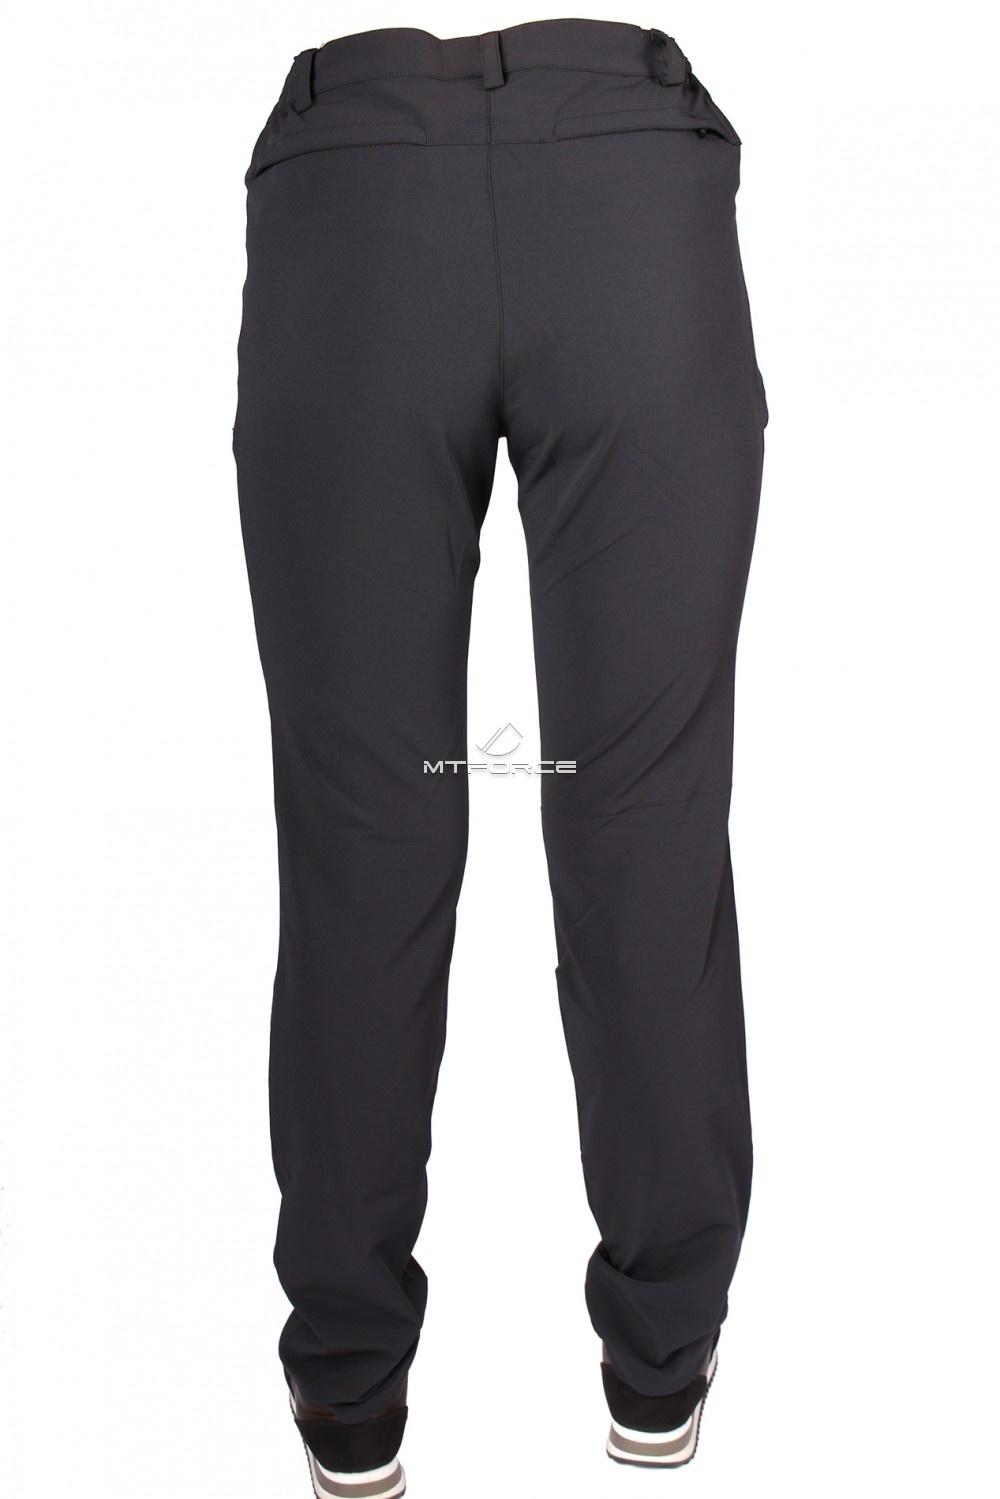 Купить оптом Брюки женские тонкие летние черного цвета 812Ch в Сочи